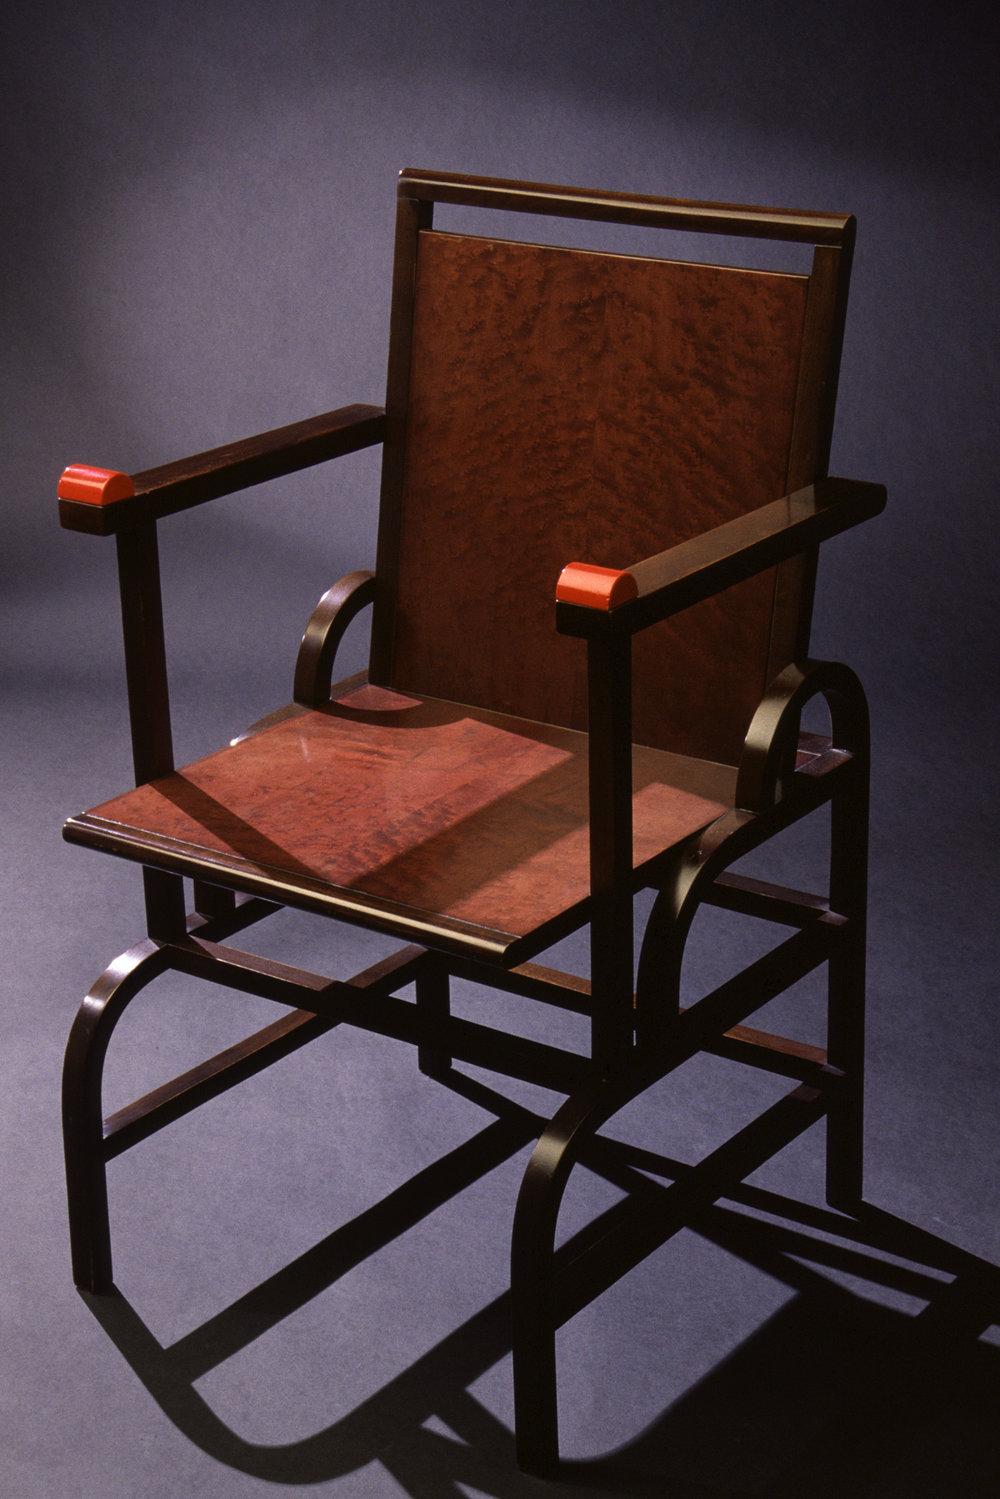 Memphis_Chair_Gloucester_perspfrontDark.jpg